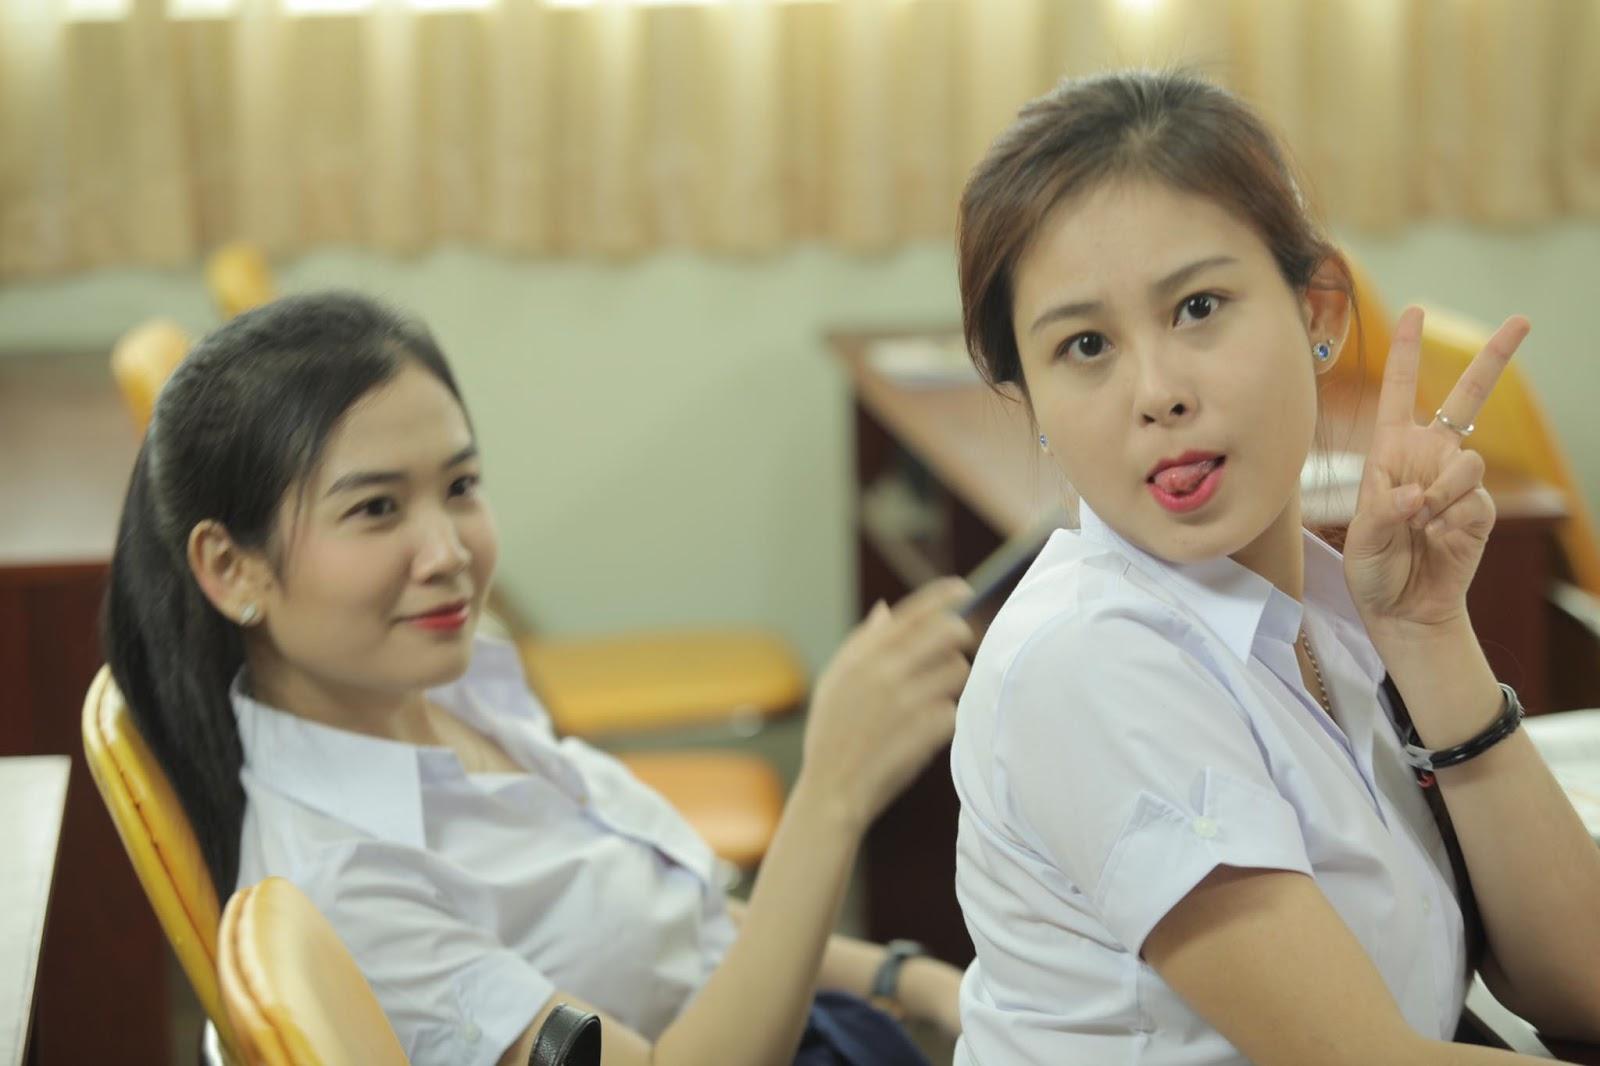 anh do thu faptv 2016 66 - HOT Girl Đỗ Thư FAPTV Gợi Cảm Quyến Rũ Mũm Mĩm Đáng Yêu